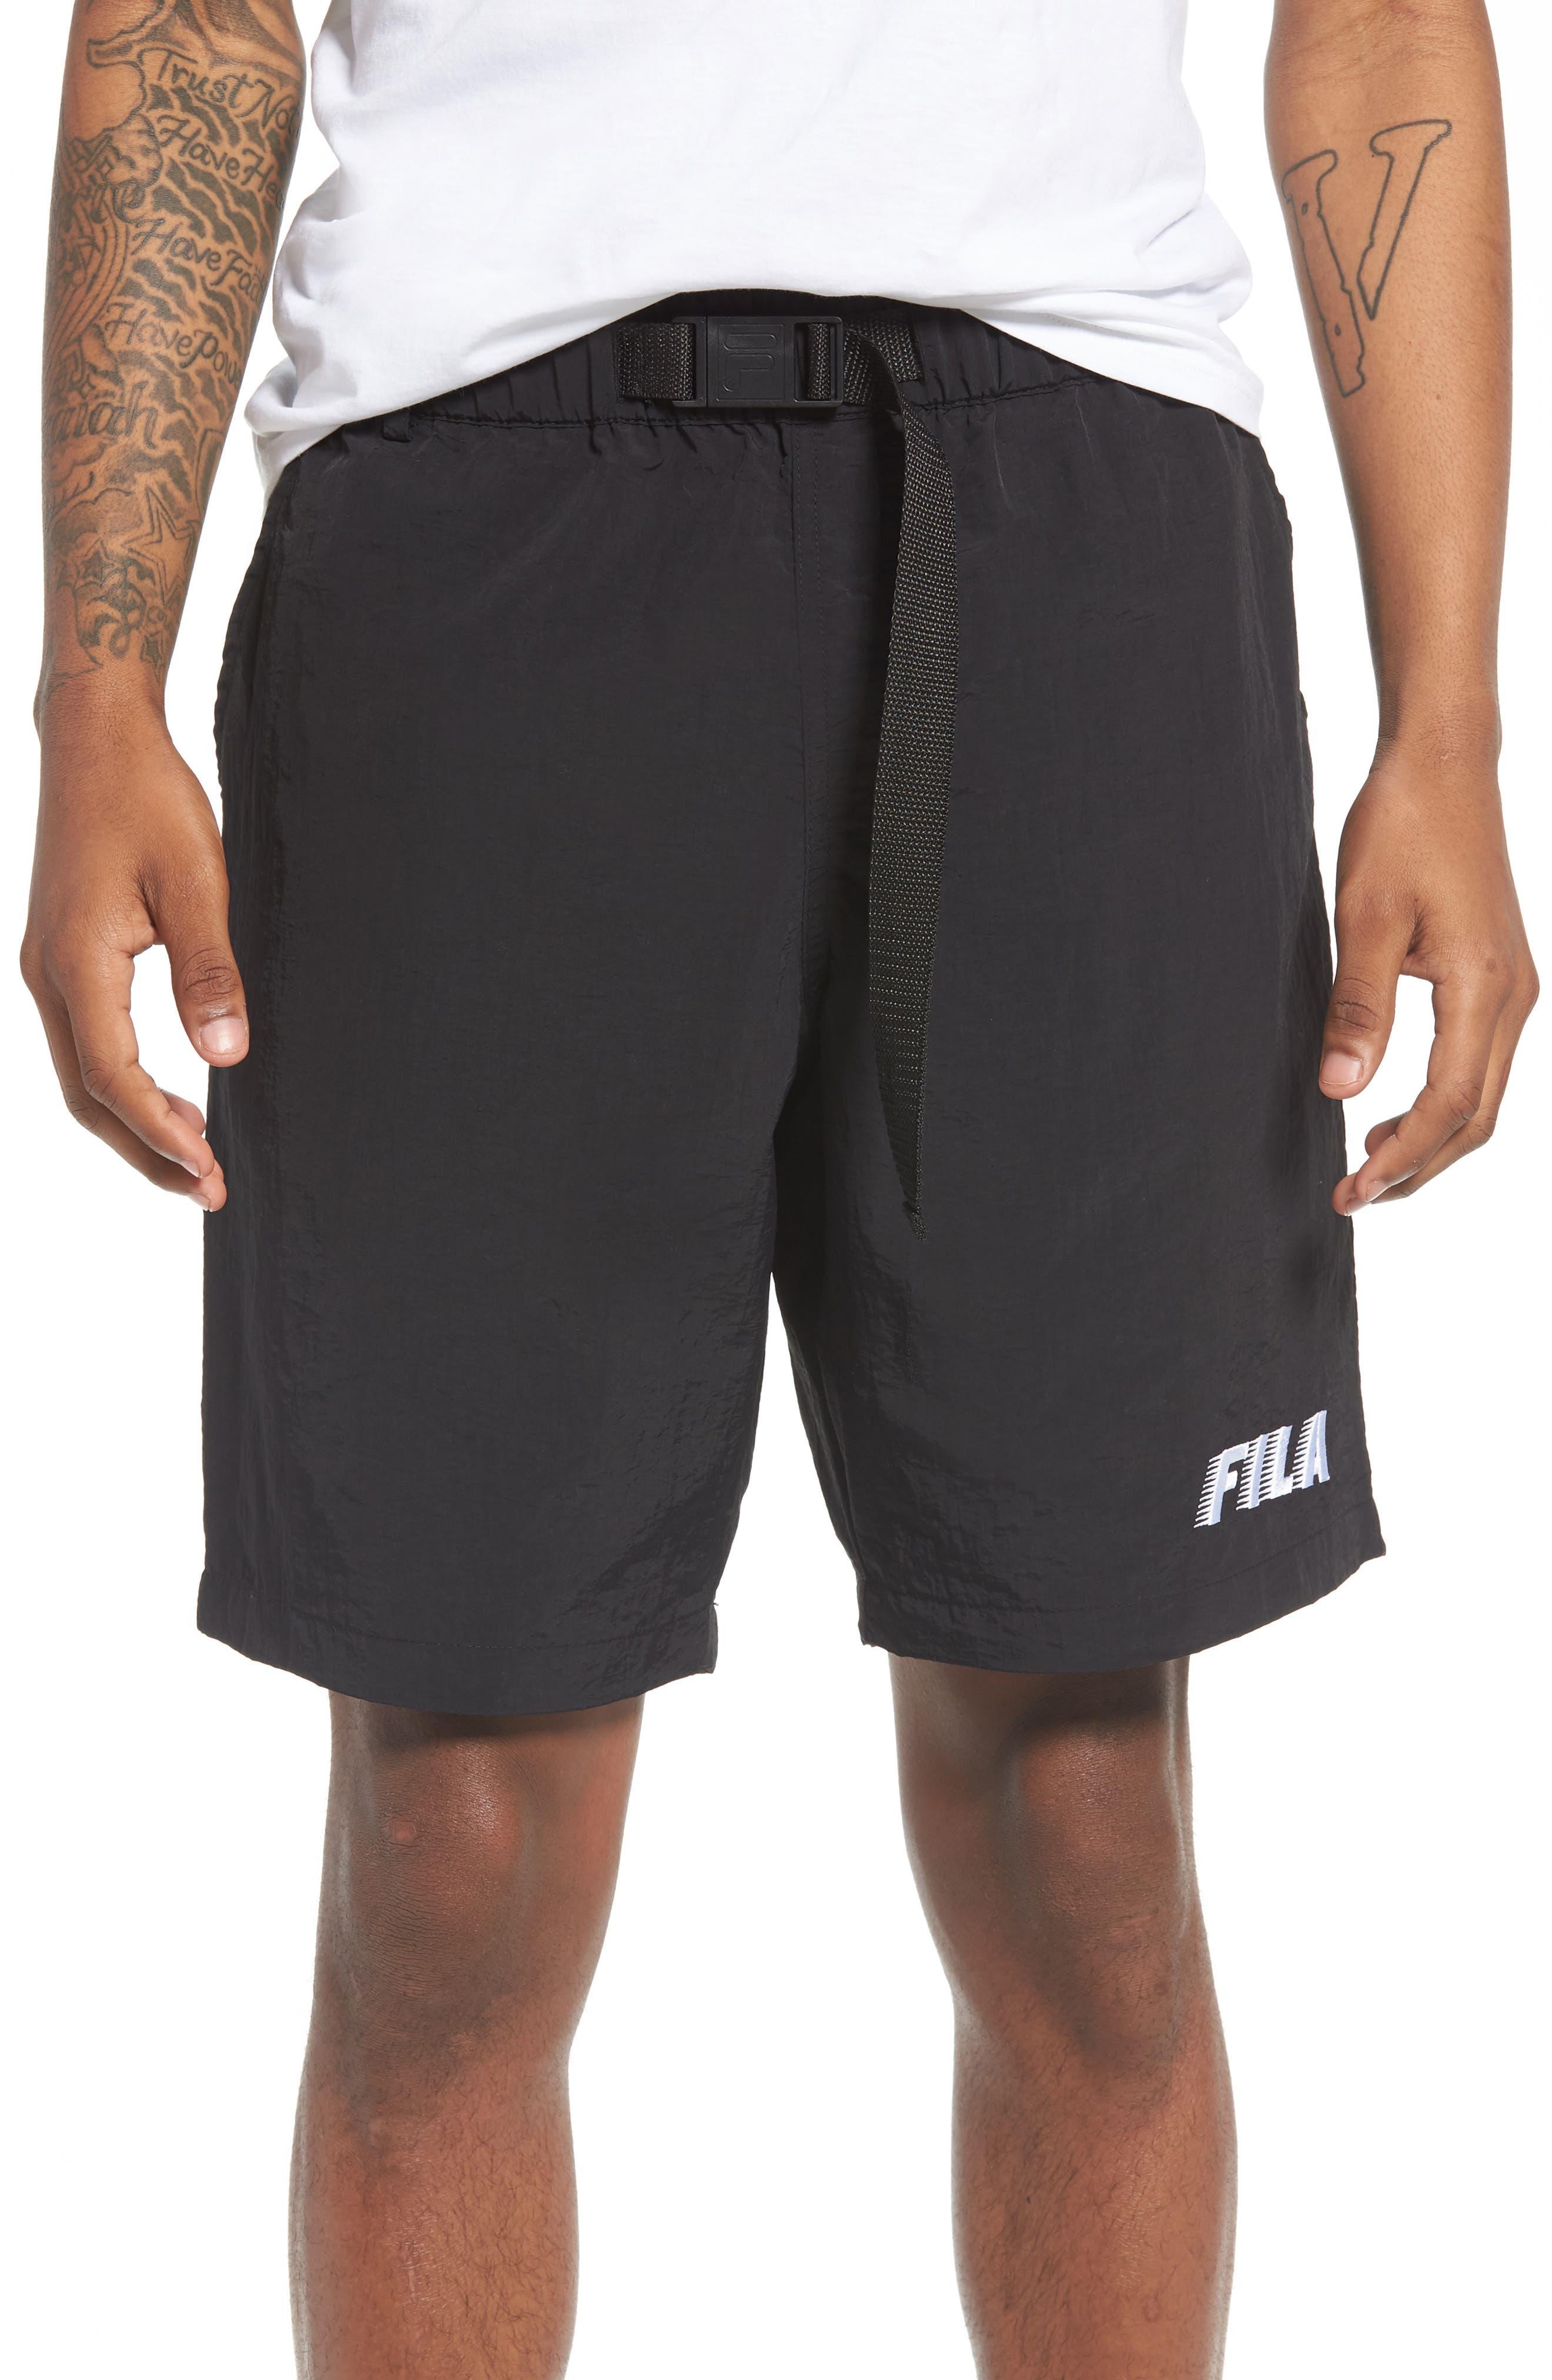 Mondy Shorts,                         Main,                         color, 001